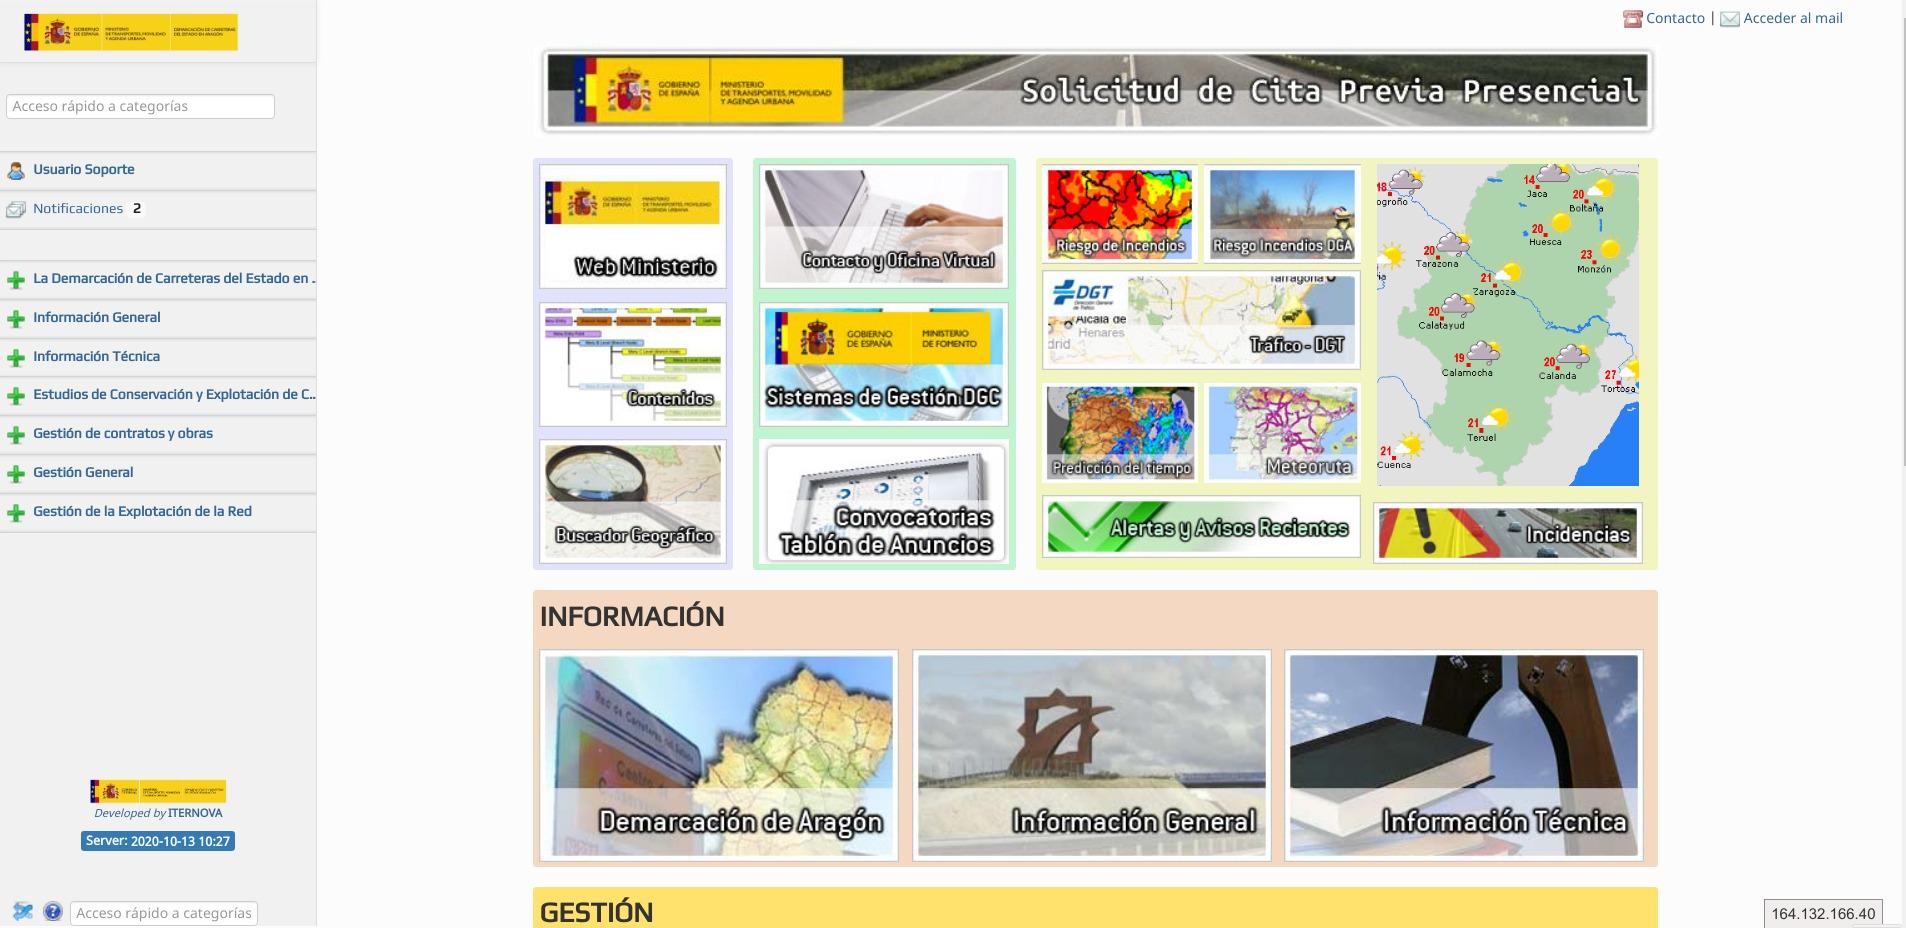 Sistema BIM de Gestión de Infraestructuras de ITERNOVA